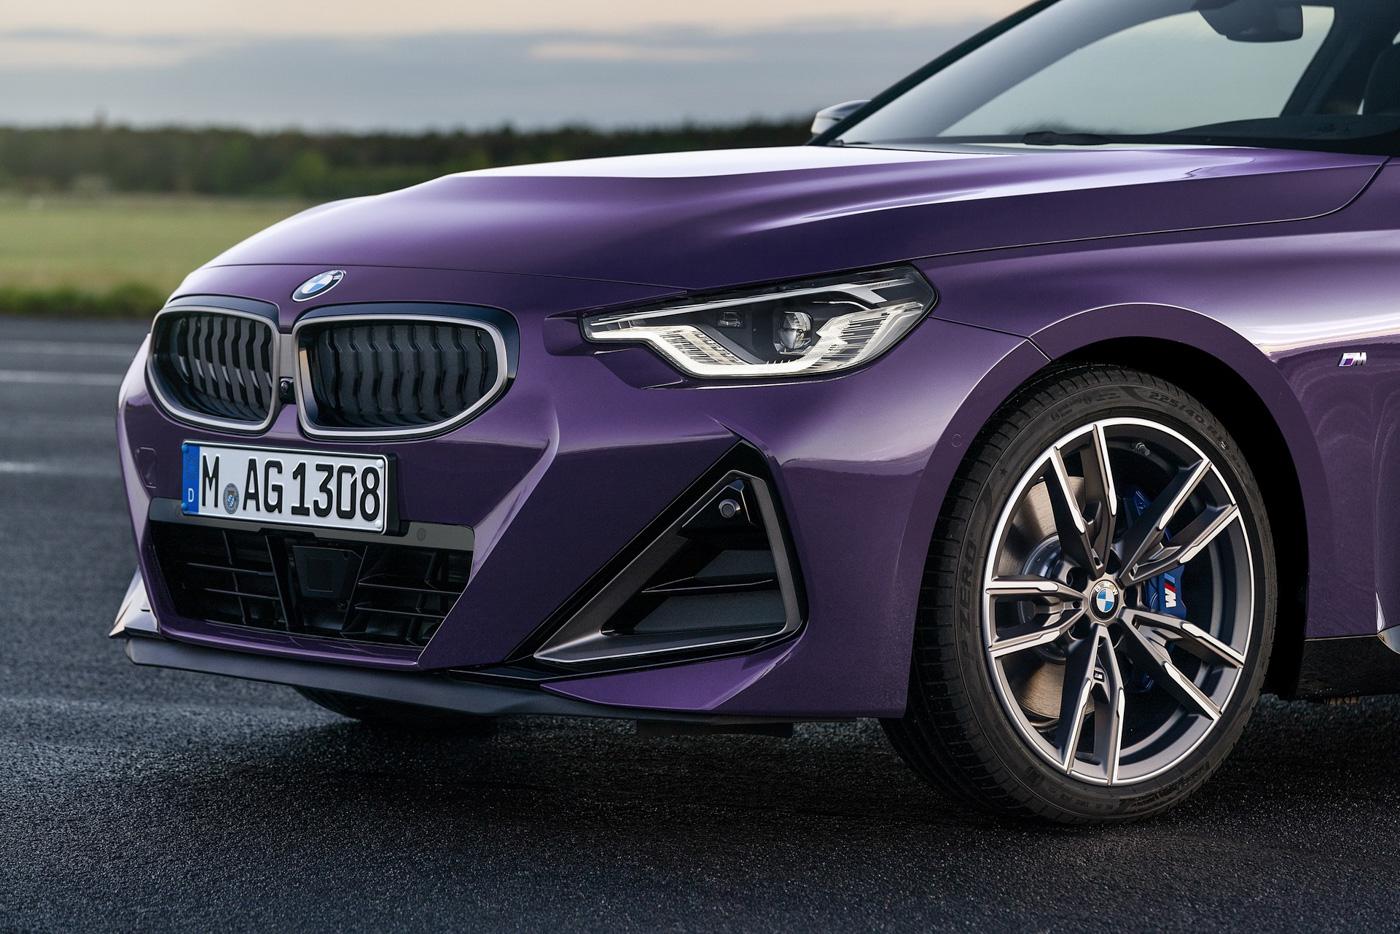 BMW-2-series-2022-ra-mắt-với-giá-bán-từ-36350-usd-16.jpg